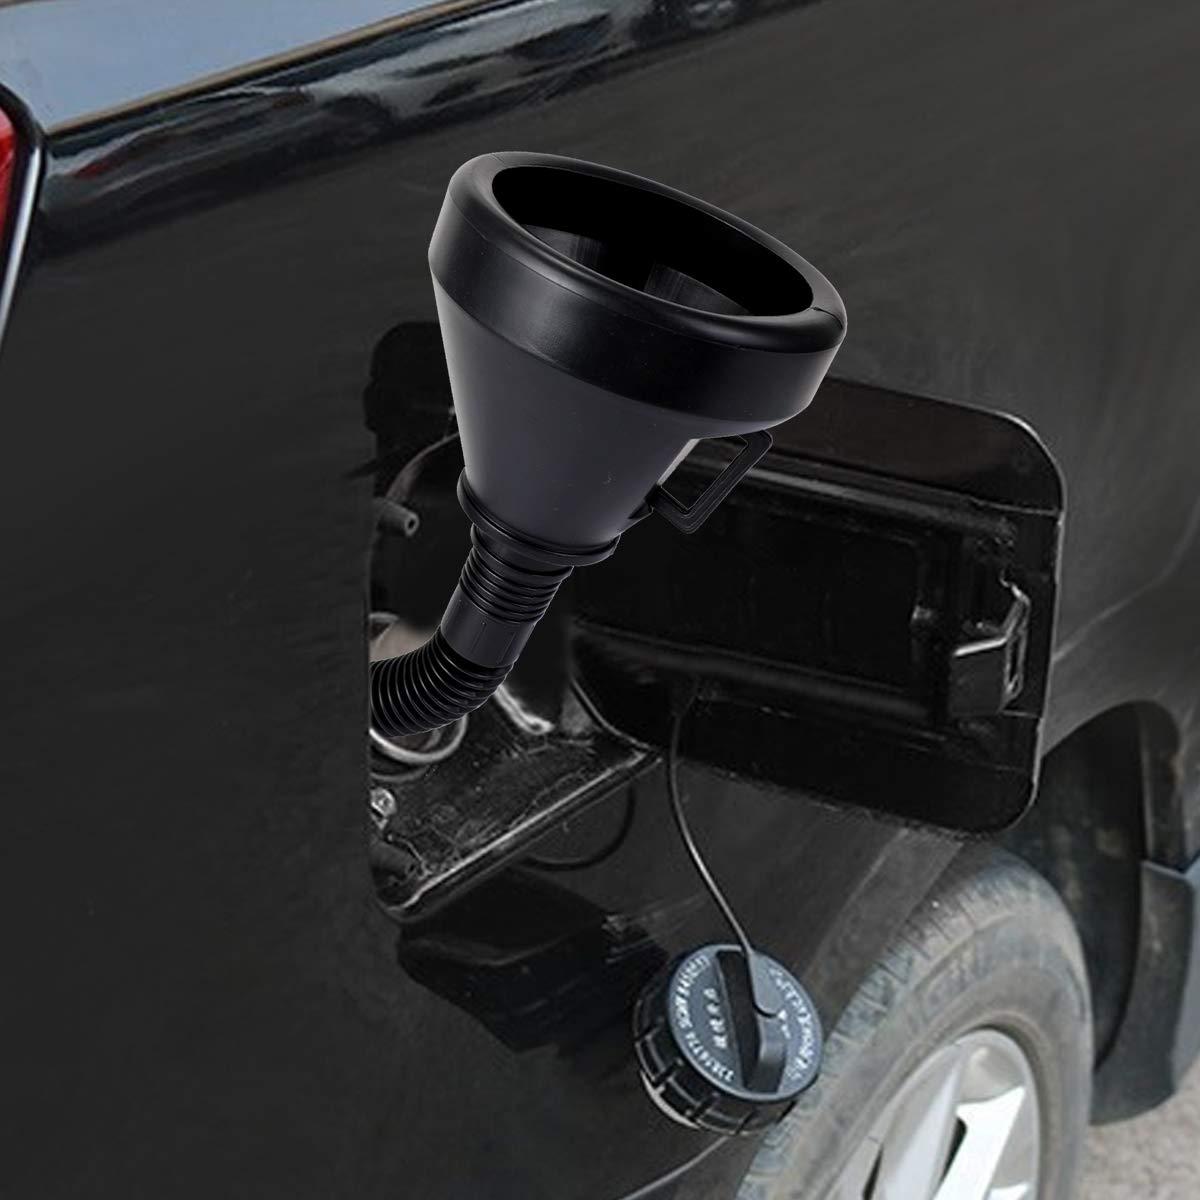 con Boquilla Flexible y Extensible 2 Unidades Embudo de pl/ástico 2 en 1 para Coche AIEVE Embudo Flexible Color Negro Gasolina y di/ésel